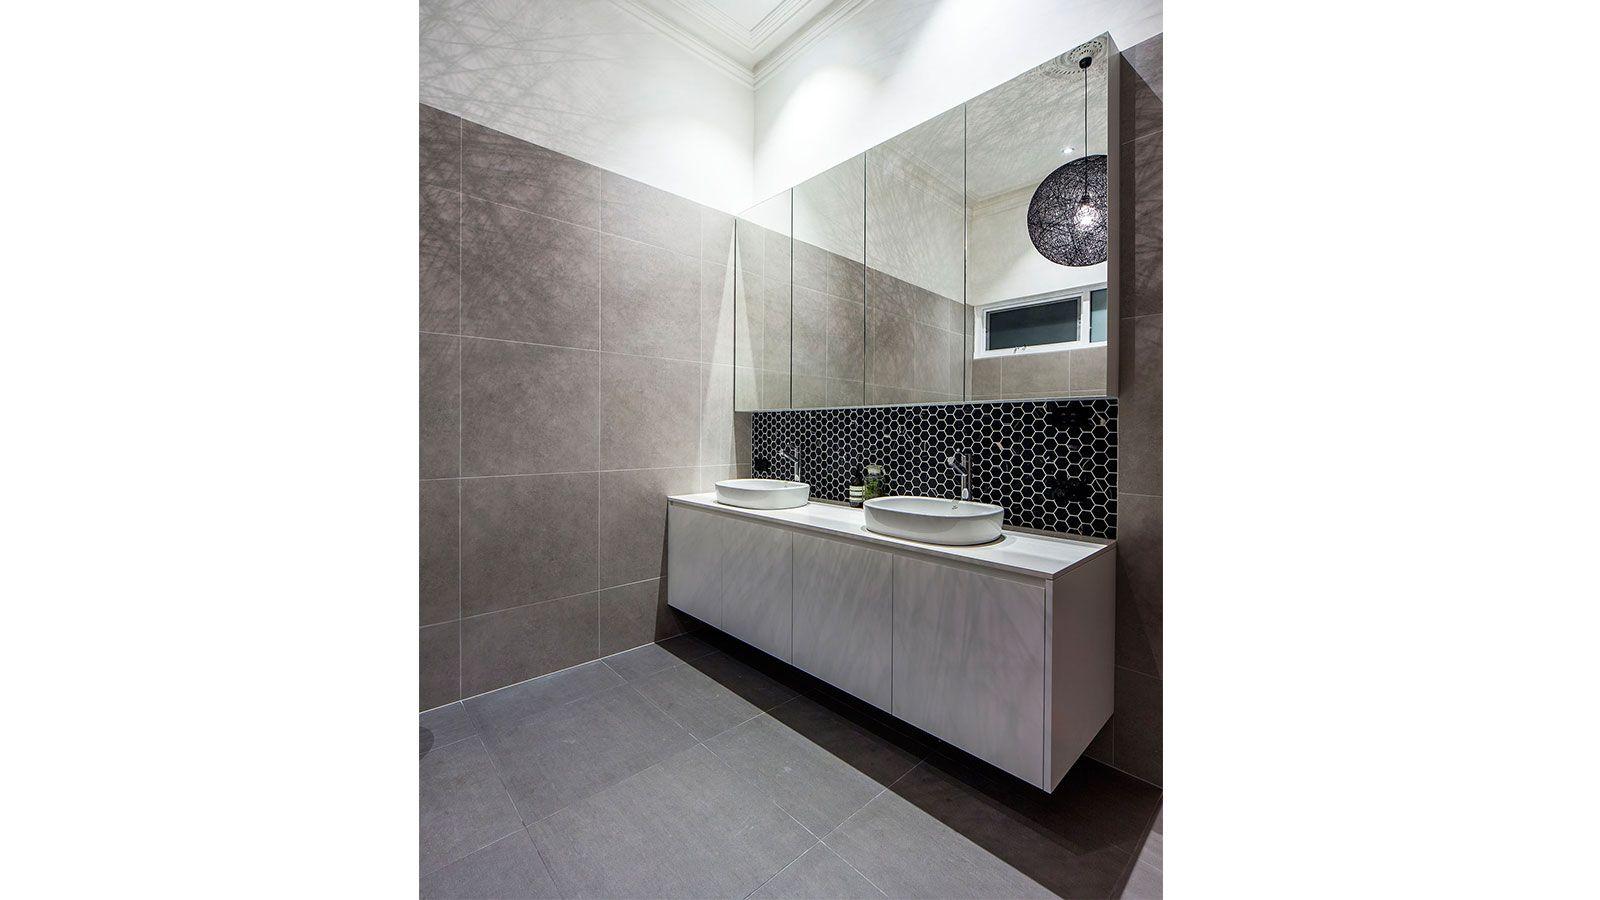 Badezimmer design hd-bilder residential interior design project gallery  residential interior